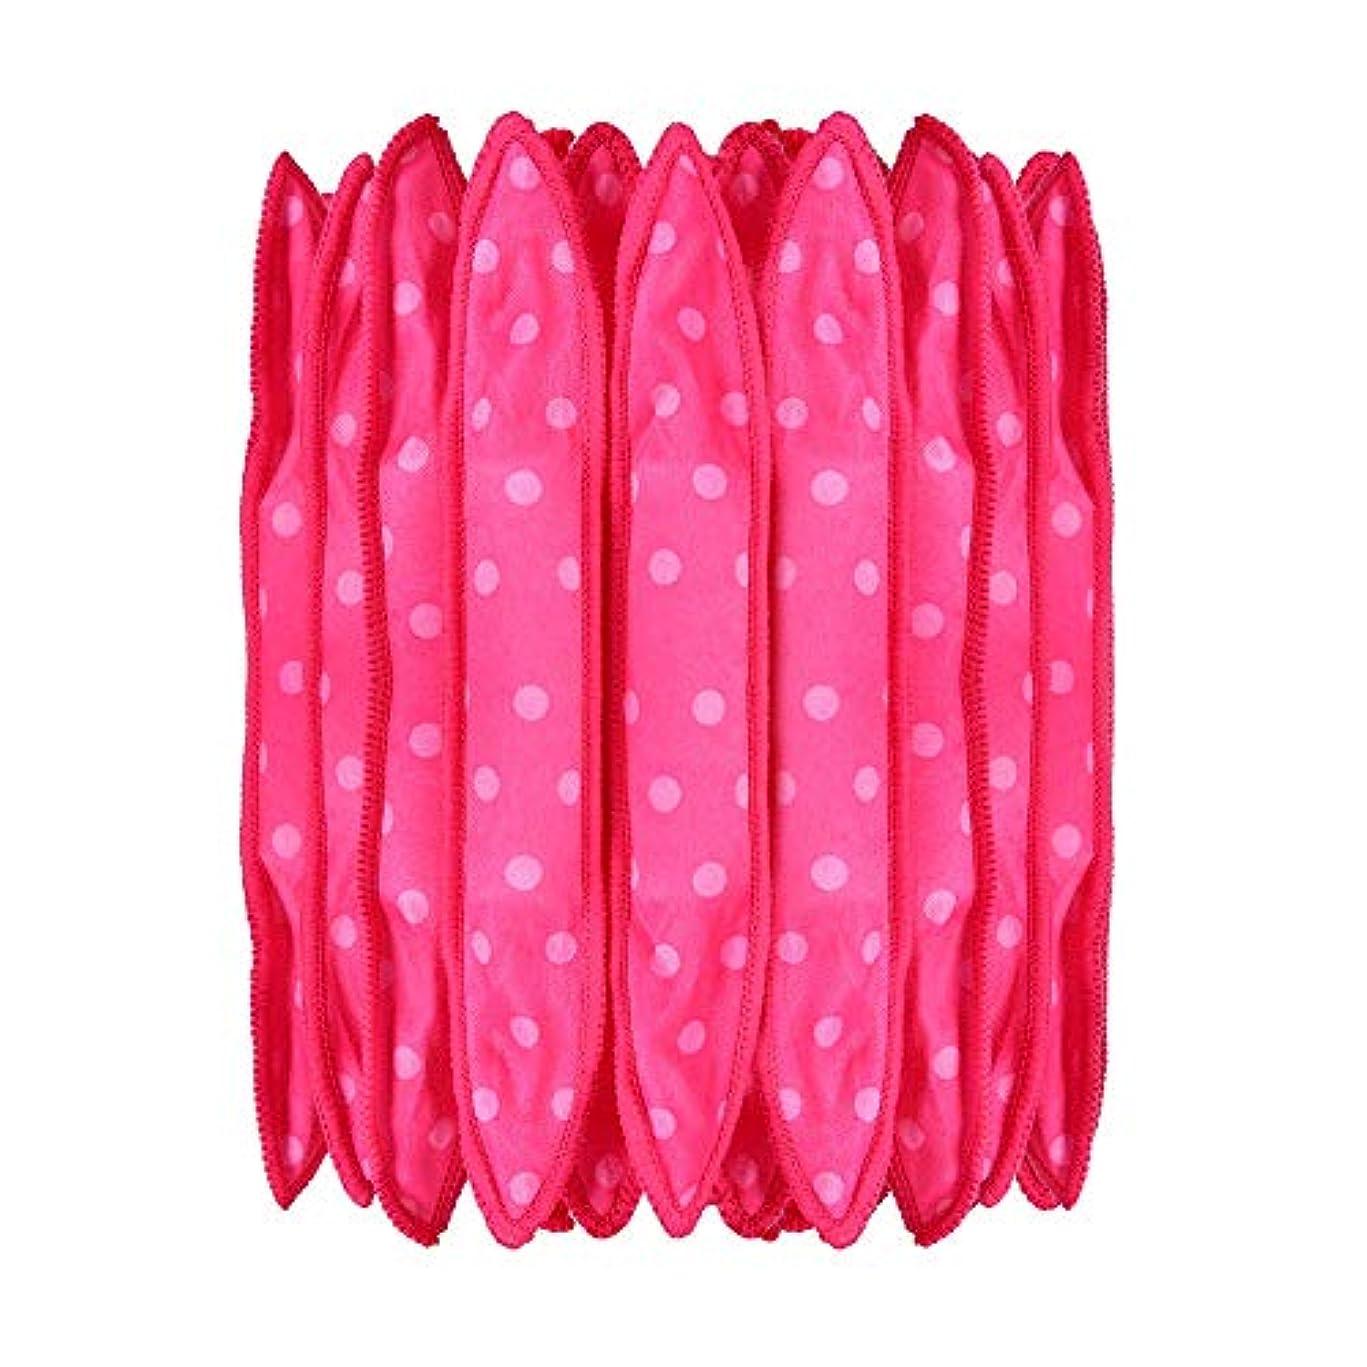 試してみる洞窟アナウンサー30本の泡スポンジヘアカーラーは、長いピンクの赤い短い髪に柔軟な柔らかい枕DIYヘアスタイリングツールの研削砥石をロール